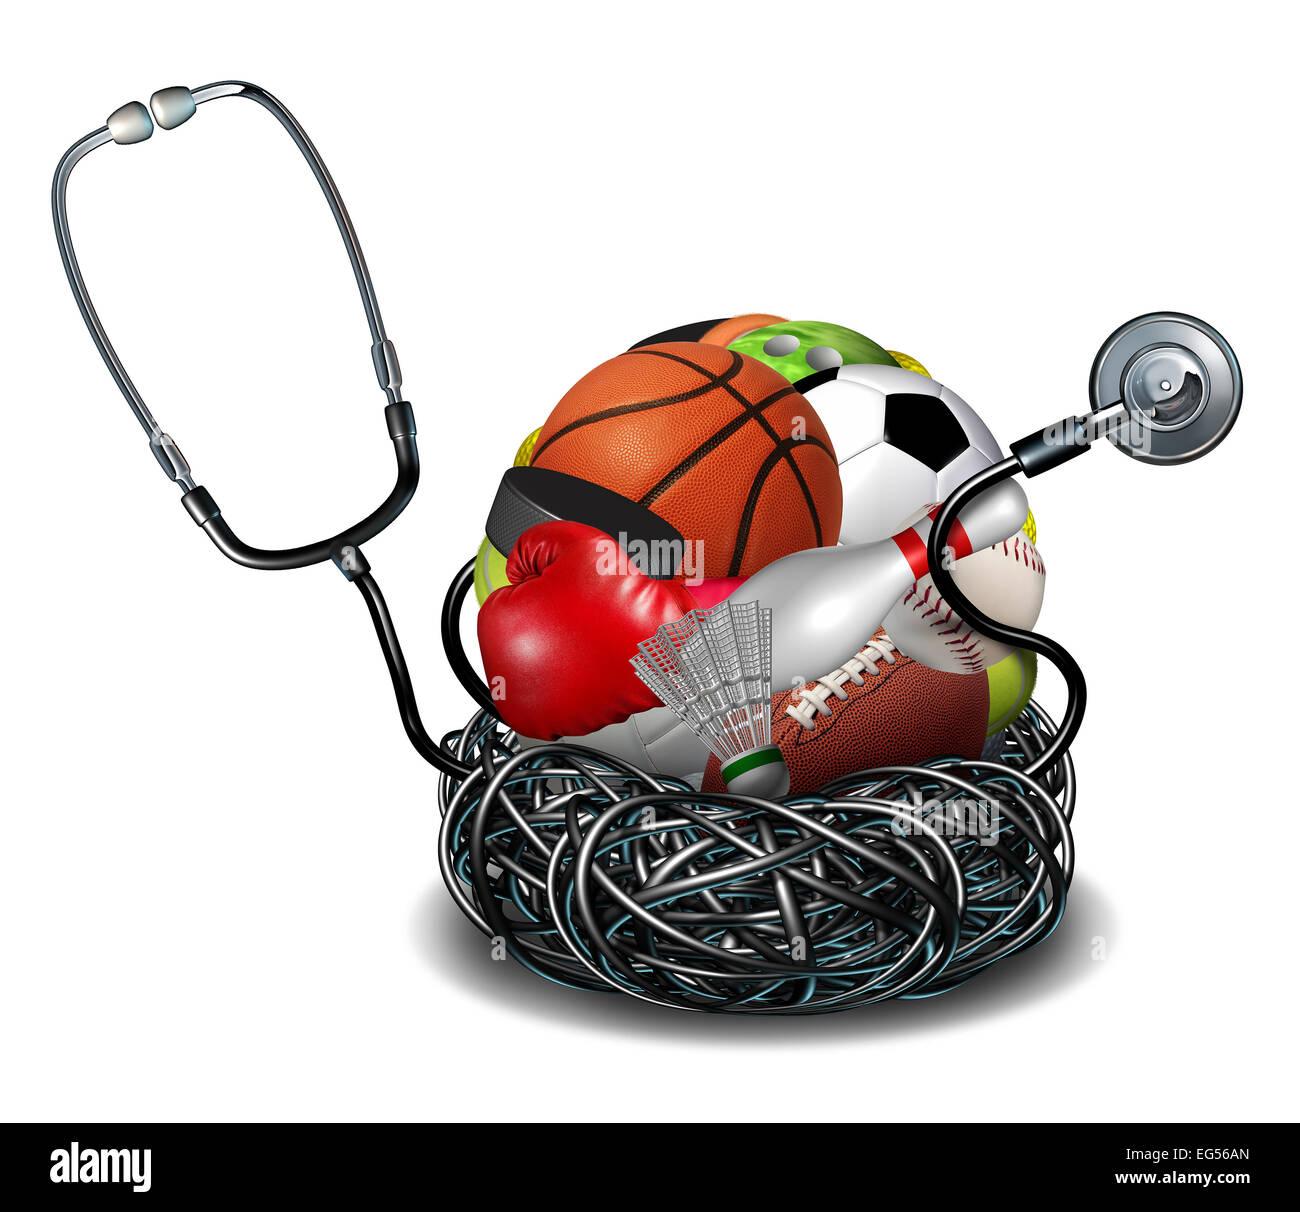 La médecine du sport et d'athlétisme concept Soins médicaux symbole comme médecin stéthoscope Photo Stock